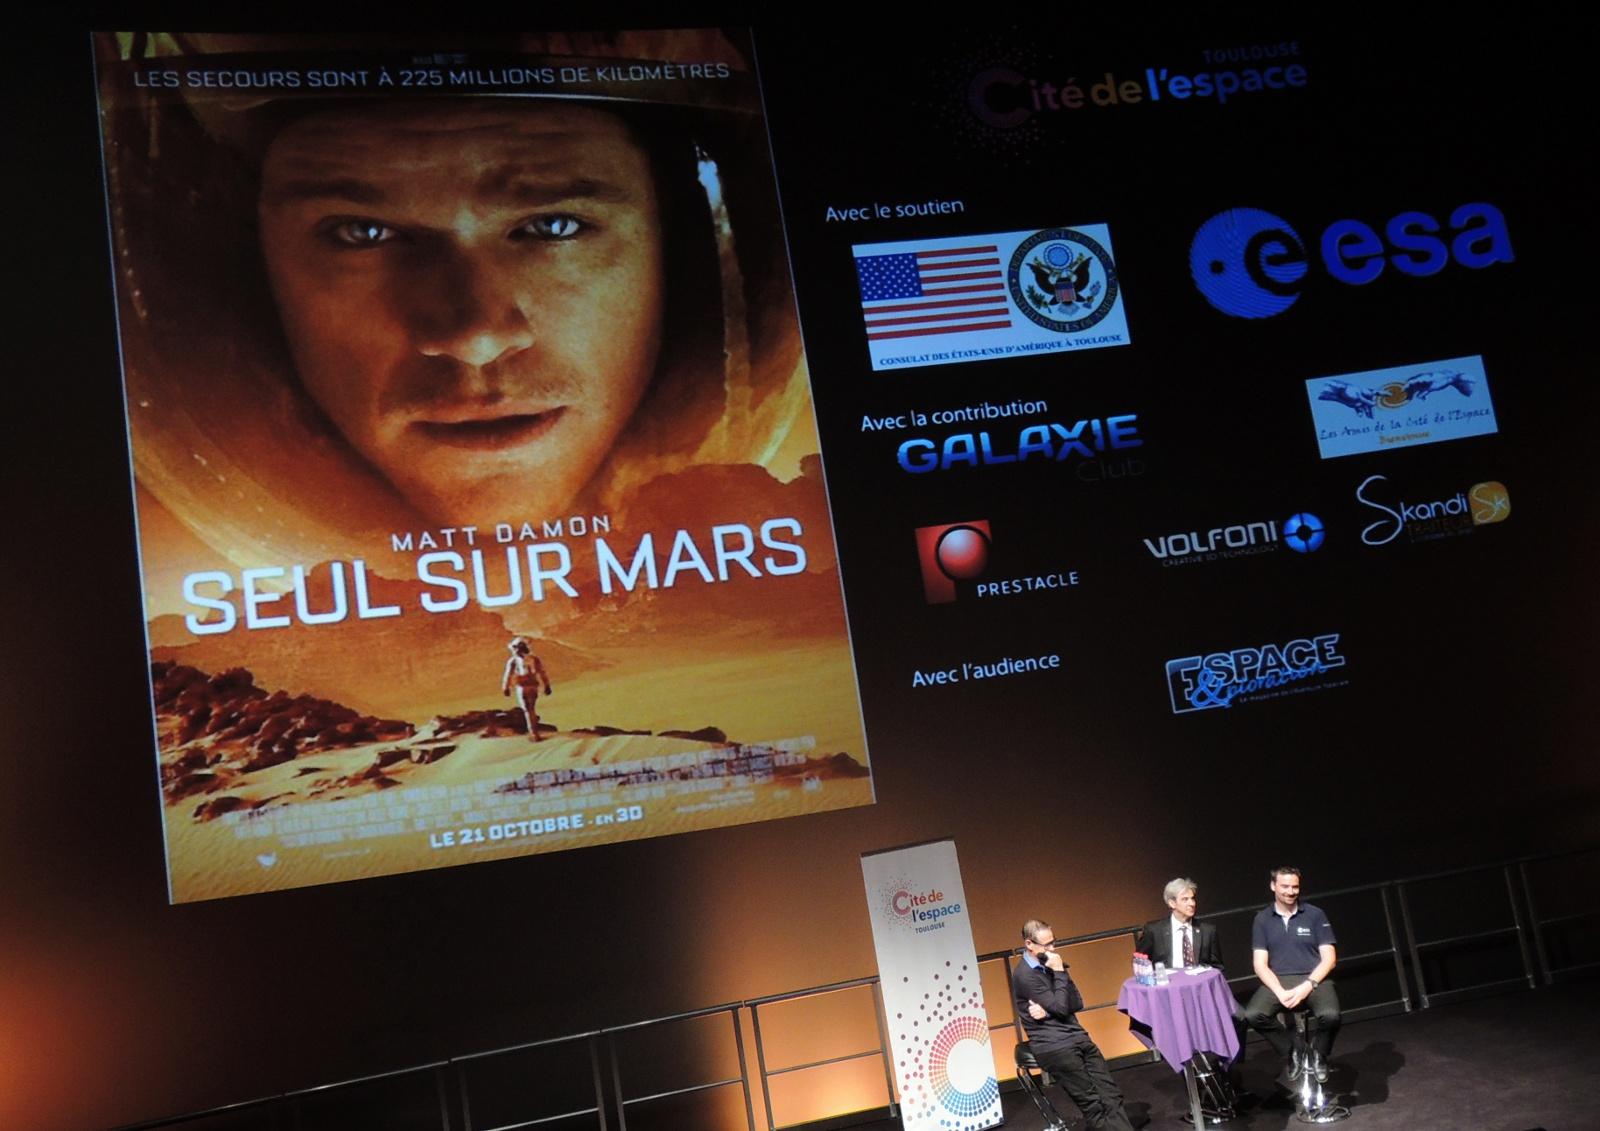 Seul sur Mars - Ridley Scott - Matt Damon - Jessica Chastain - Avant-première - Cité de l'espace - 3D - Imax - Toulouse